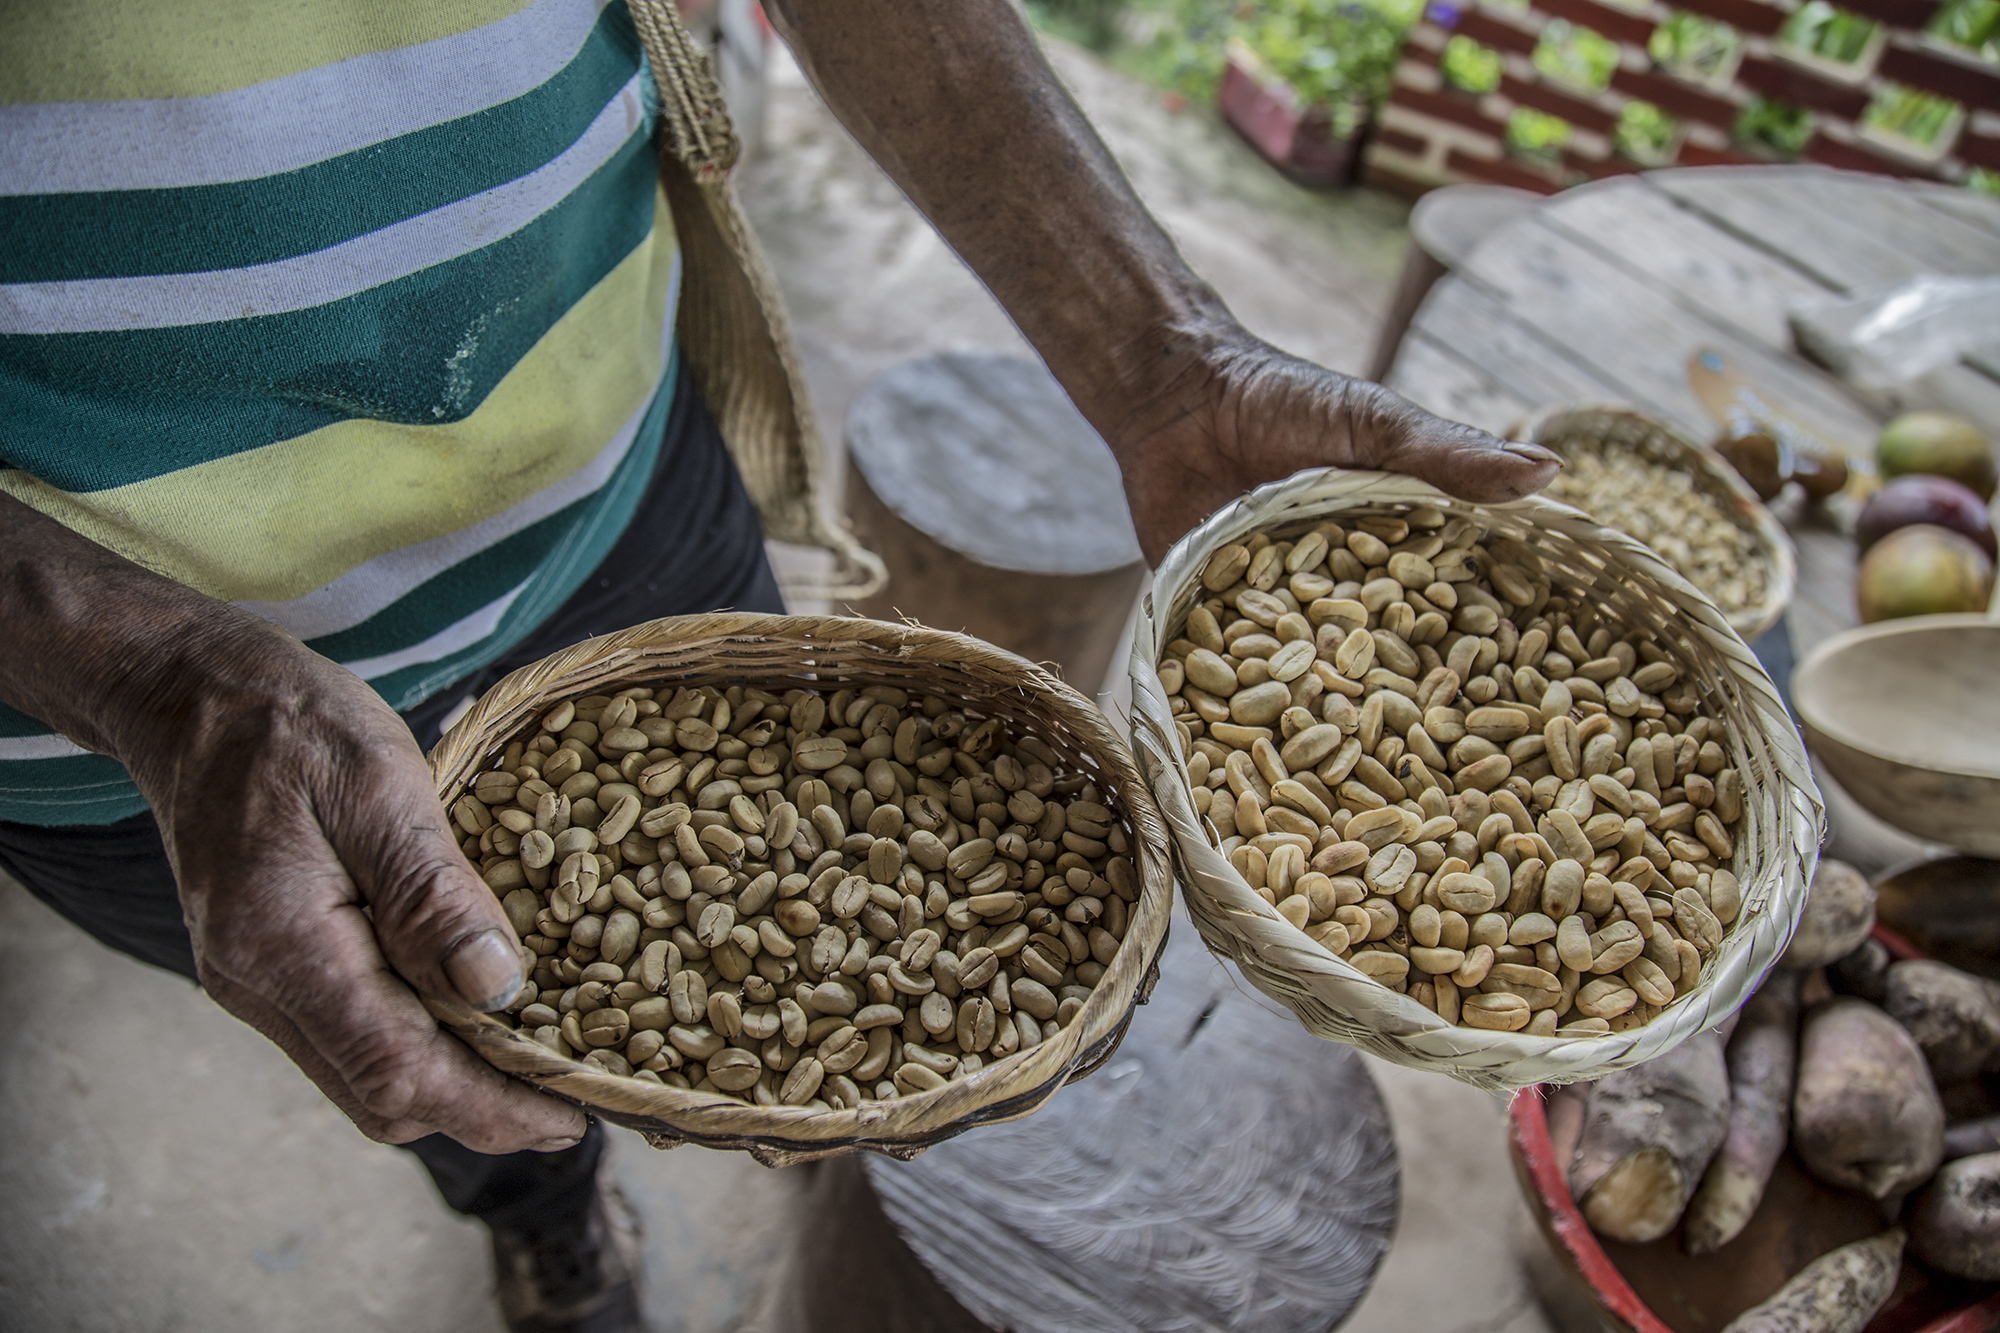 Grafica alusiva a La norma sobre semillas criollas que pretende expedir el Ministerio de Agricultura, en el marco de los Acuerdos de Paz